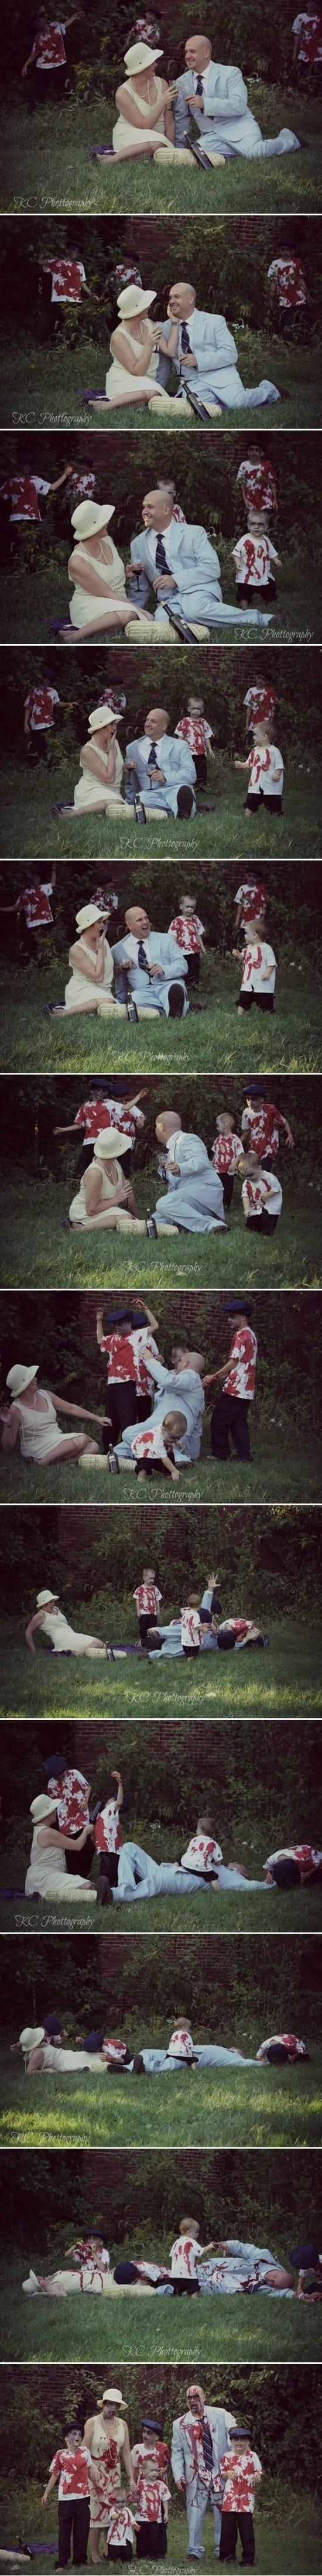 Zombies 2014